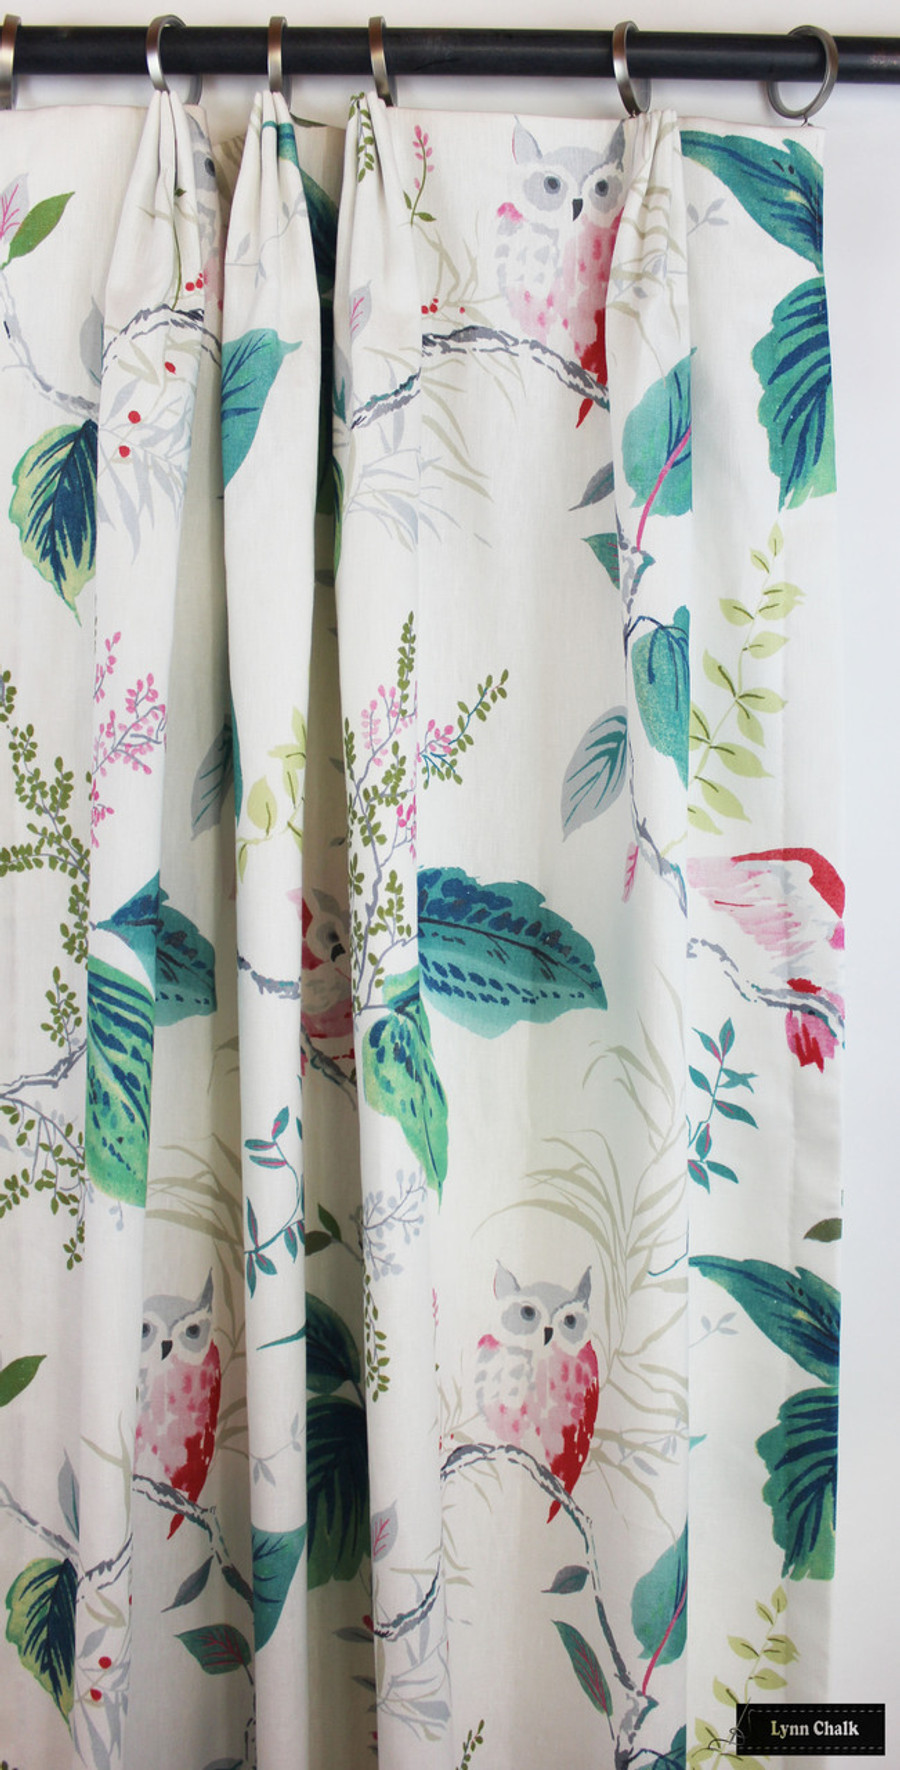 Custom Drapes in Kate Spade Owlish in Multi